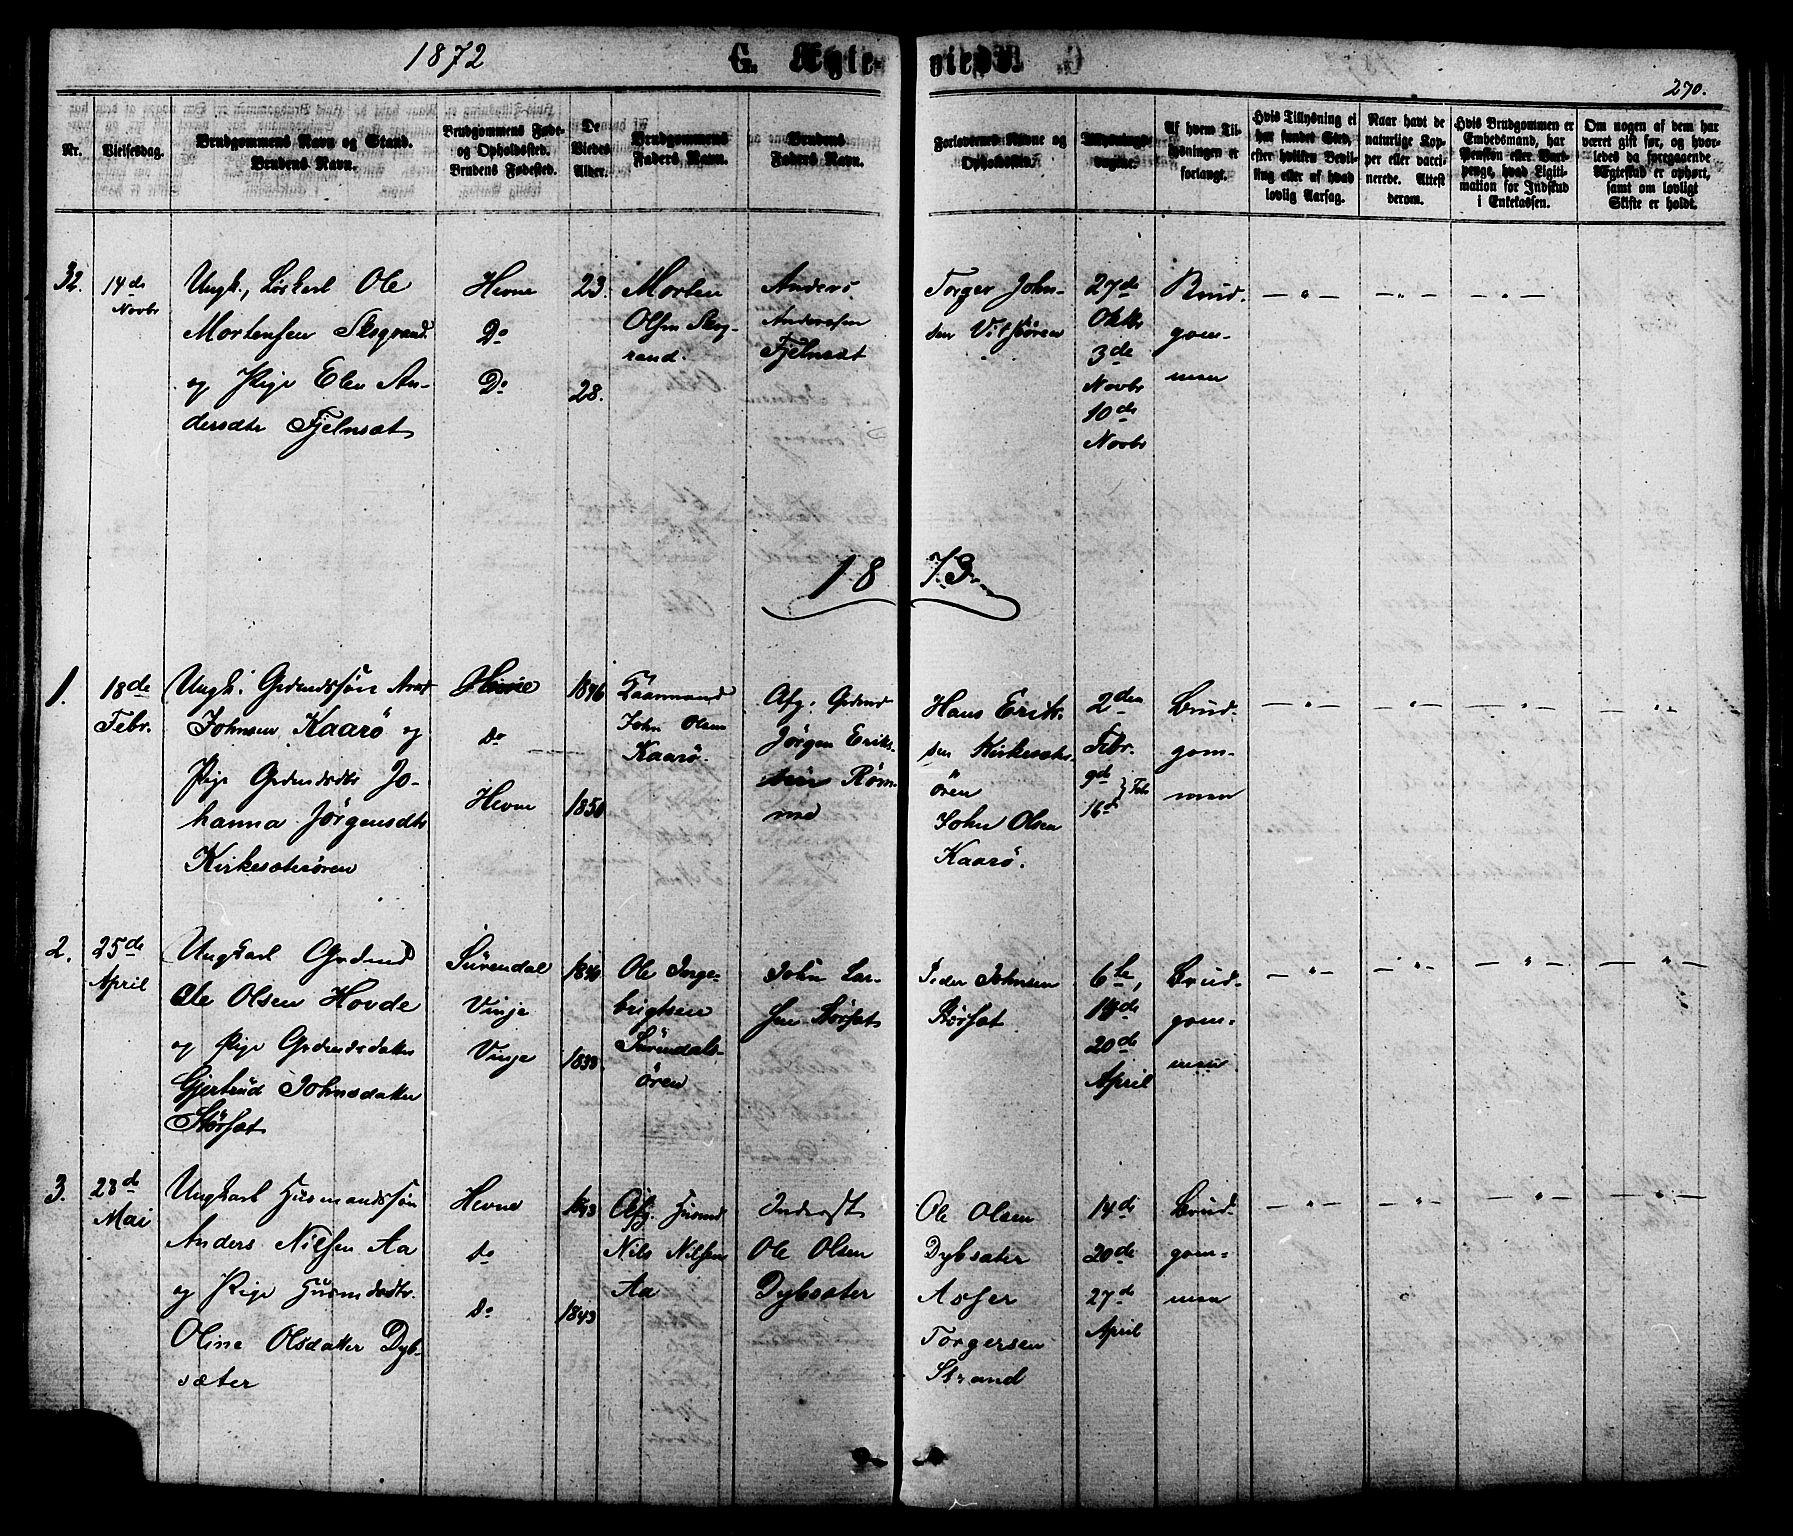 SAT, Ministerialprotokoller, klokkerbøker og fødselsregistre - Sør-Trøndelag, 630/L0495: Ministerialbok nr. 630A08, 1868-1878, s. 270